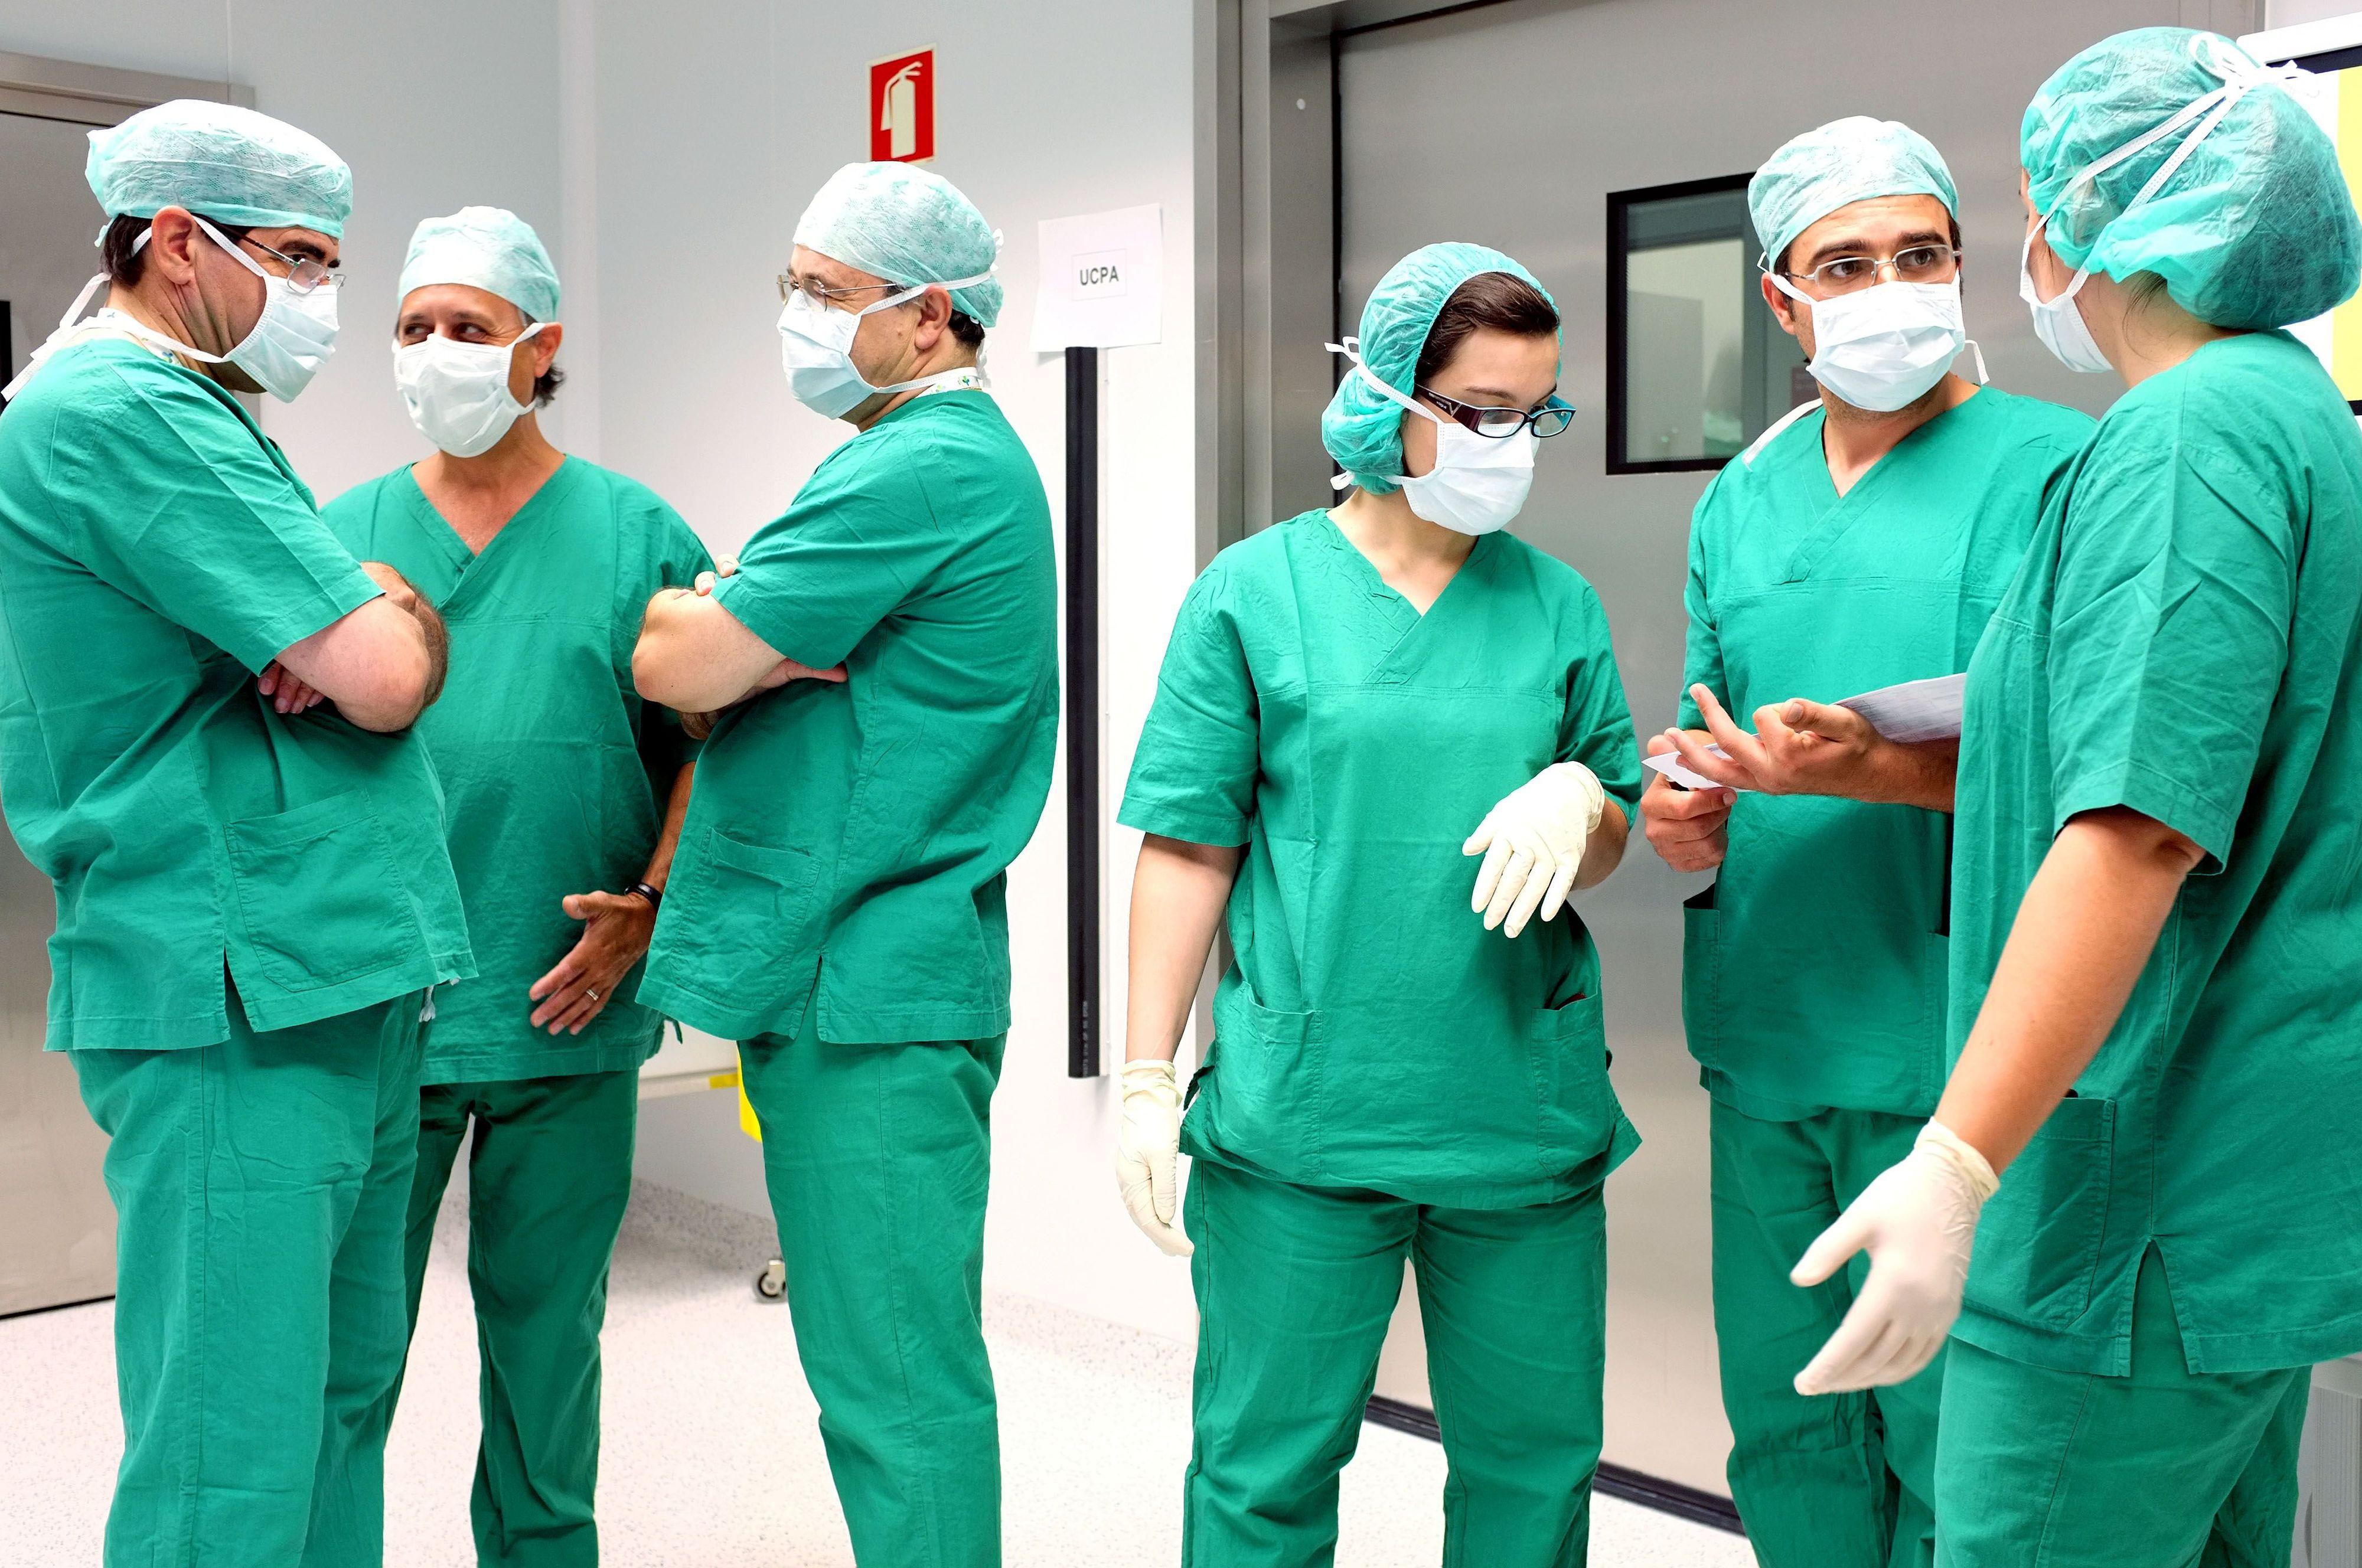 Consignações na saúde para ocultar despesa sem cobertura da ACSS - presidente